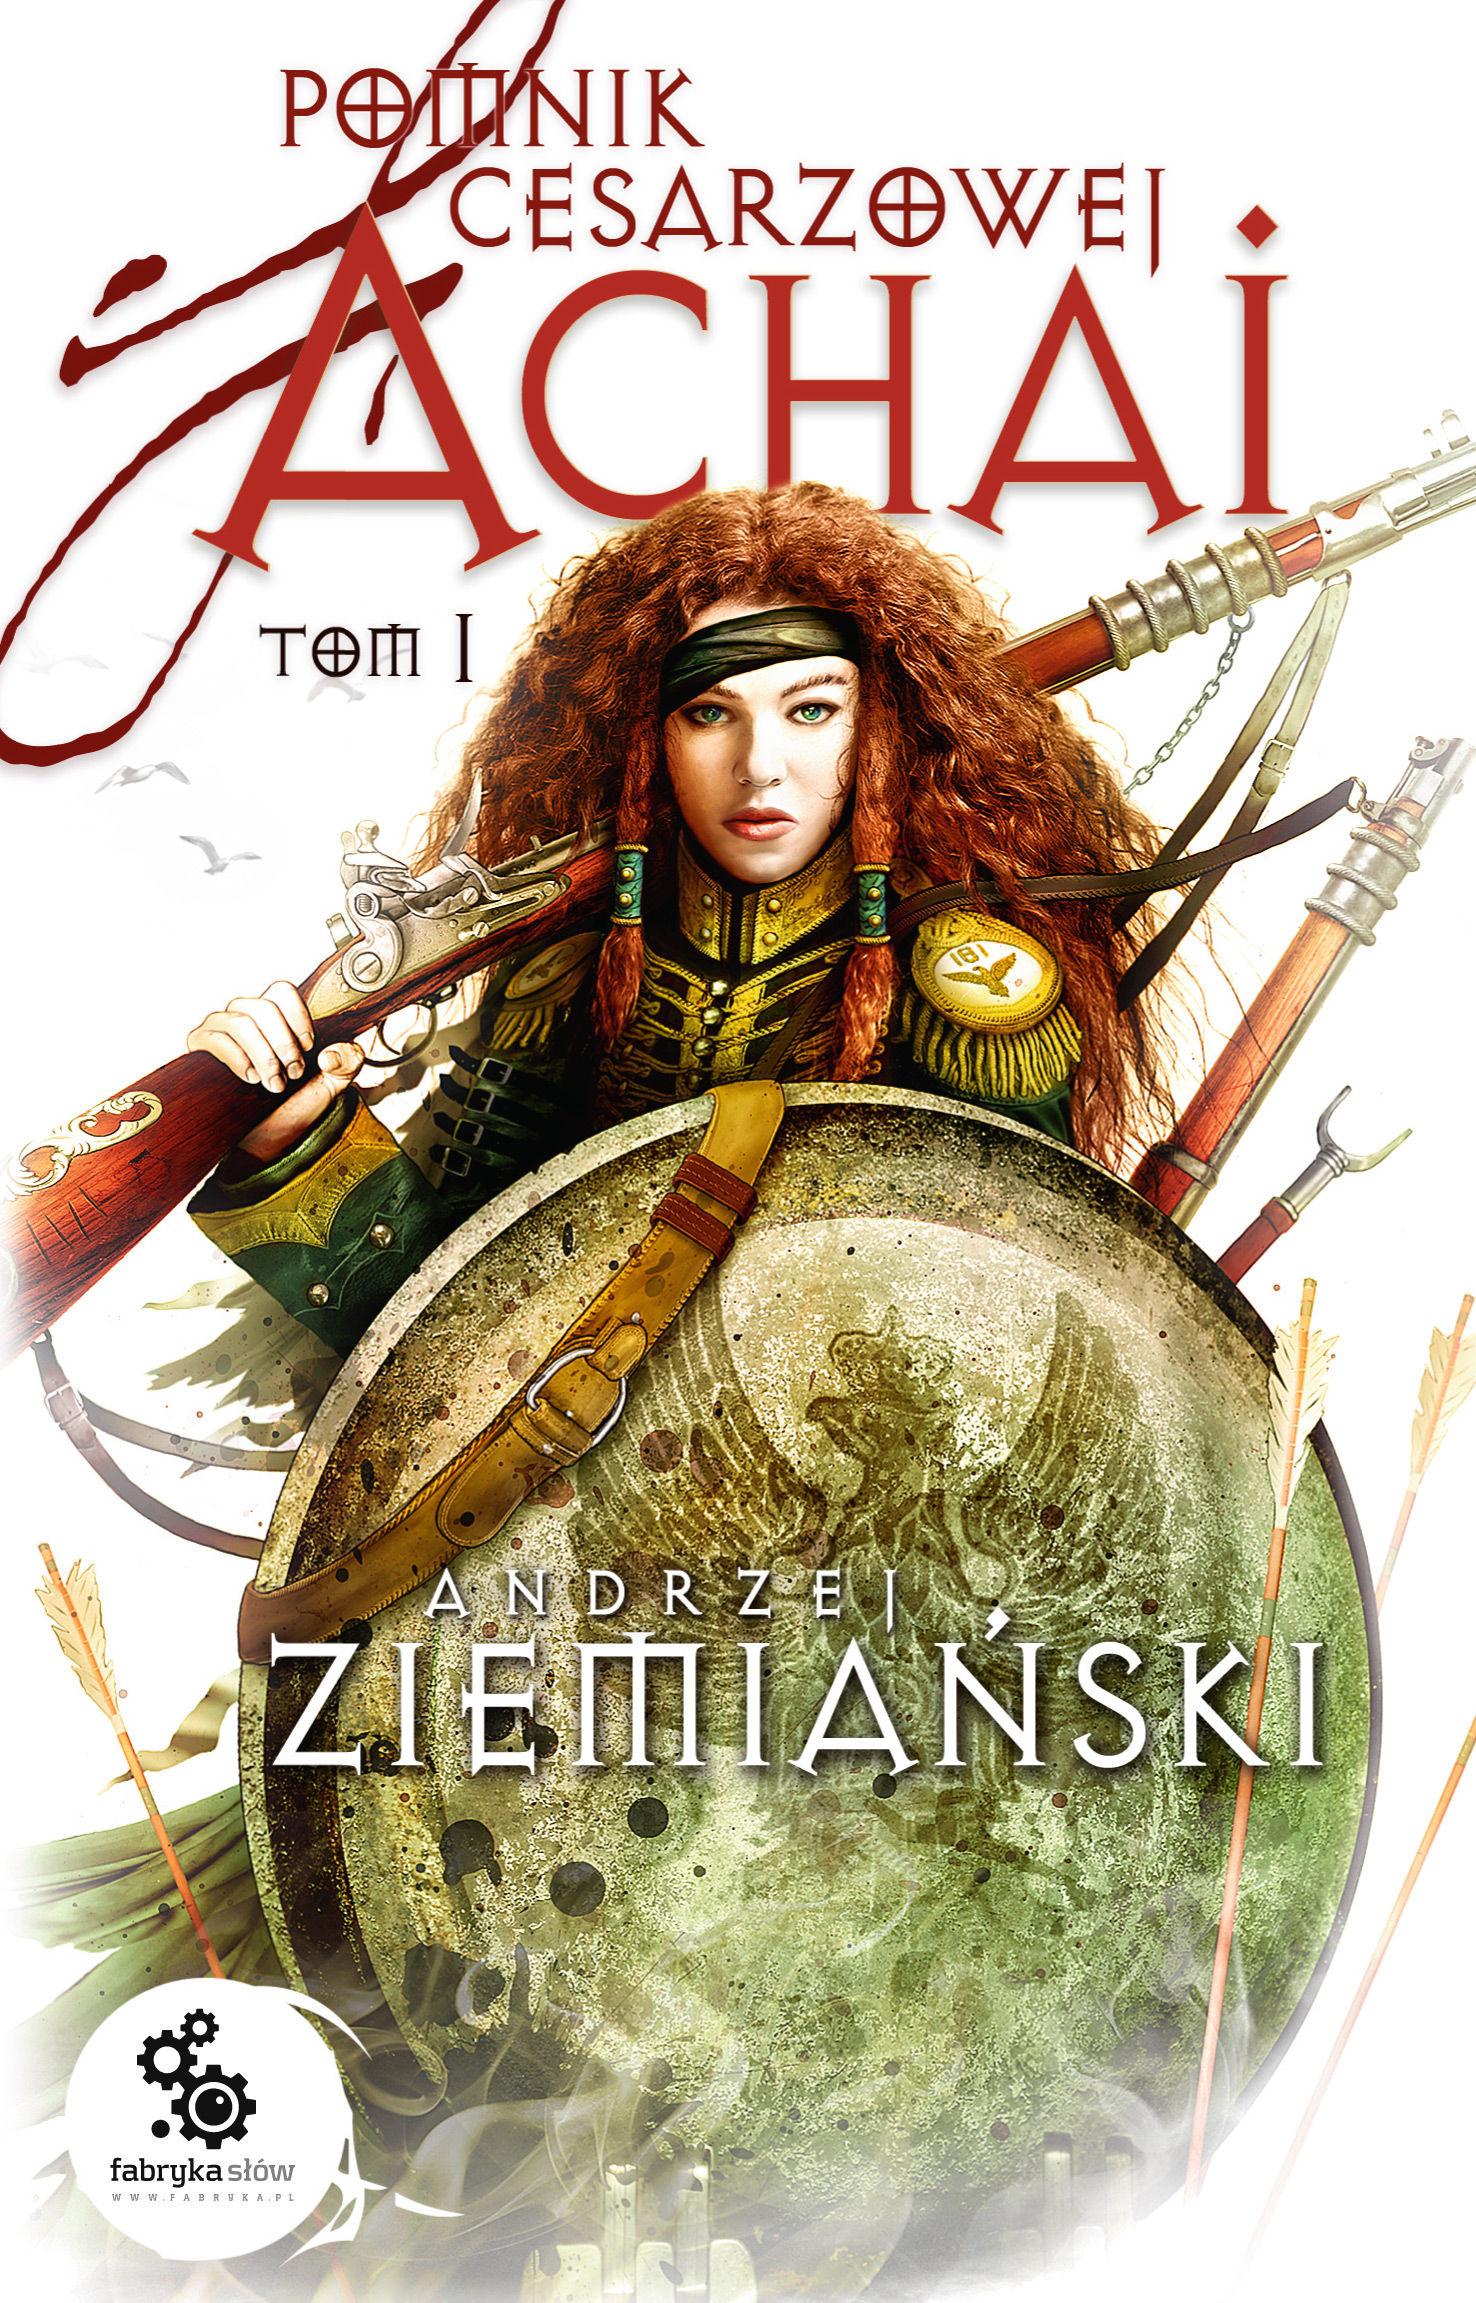 Pomnik cesarzowej Achai  Tom 1 - Andrzej Ziemiański - audiobook